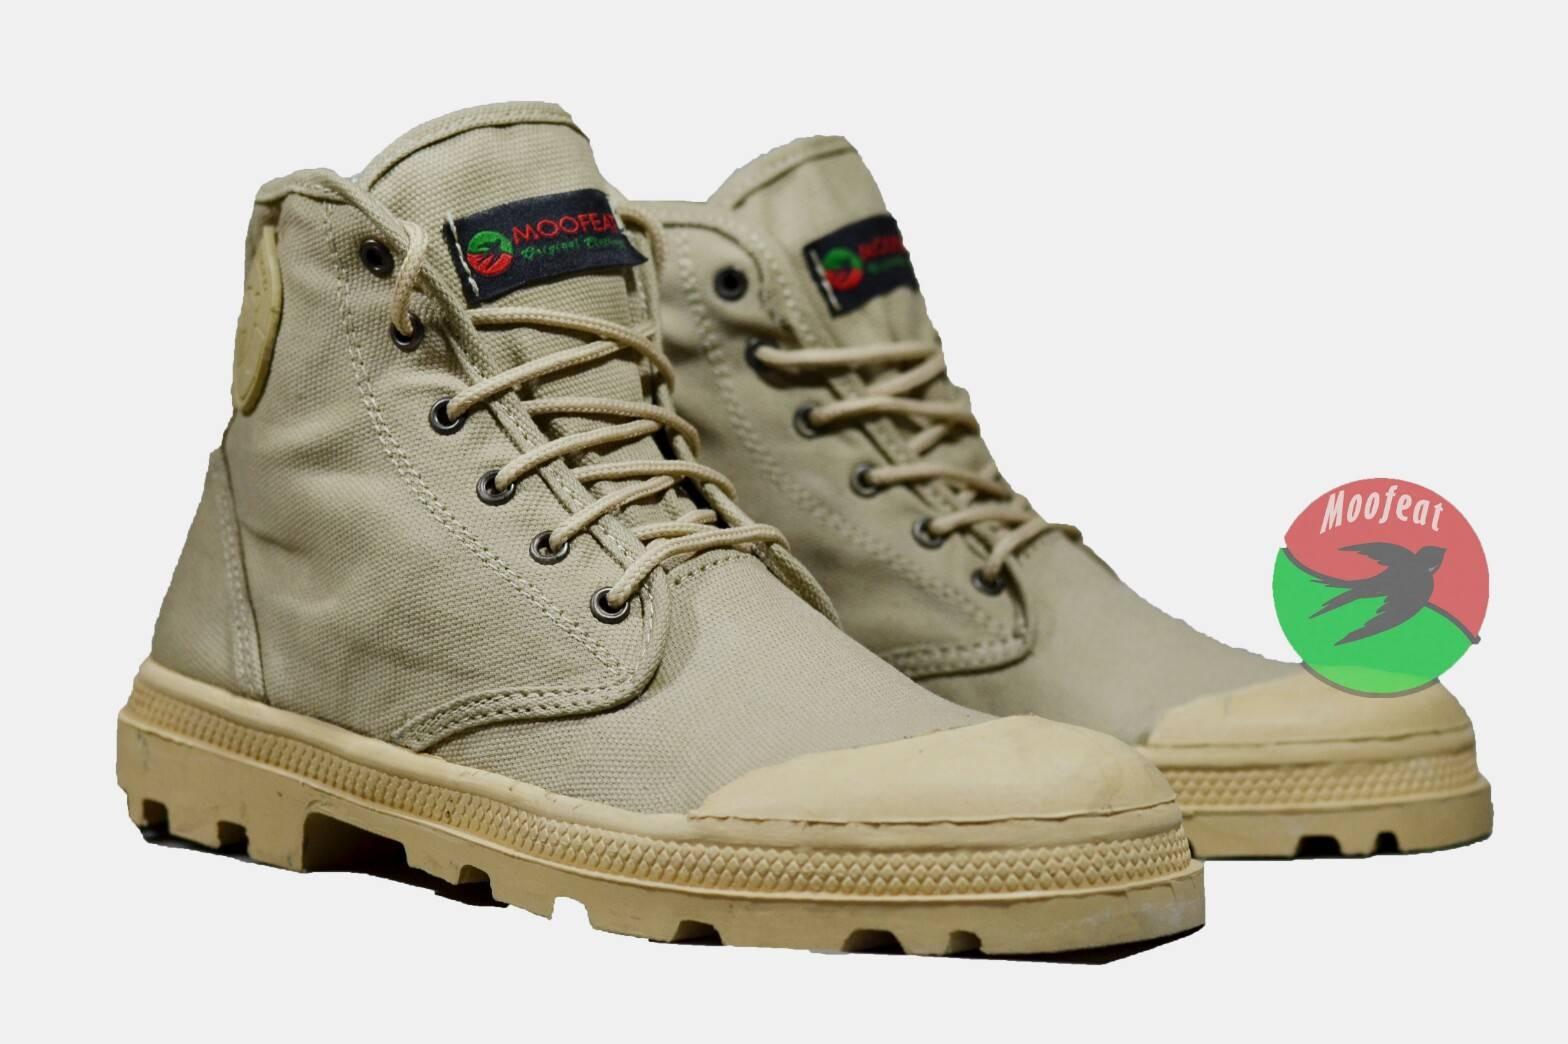 Jual Produk Moofeat Online Terbaru Di Lunnar Tan Dsh Sepatu Kantor Casual Boots Pria Mof Delta Tactical Swat Satpam